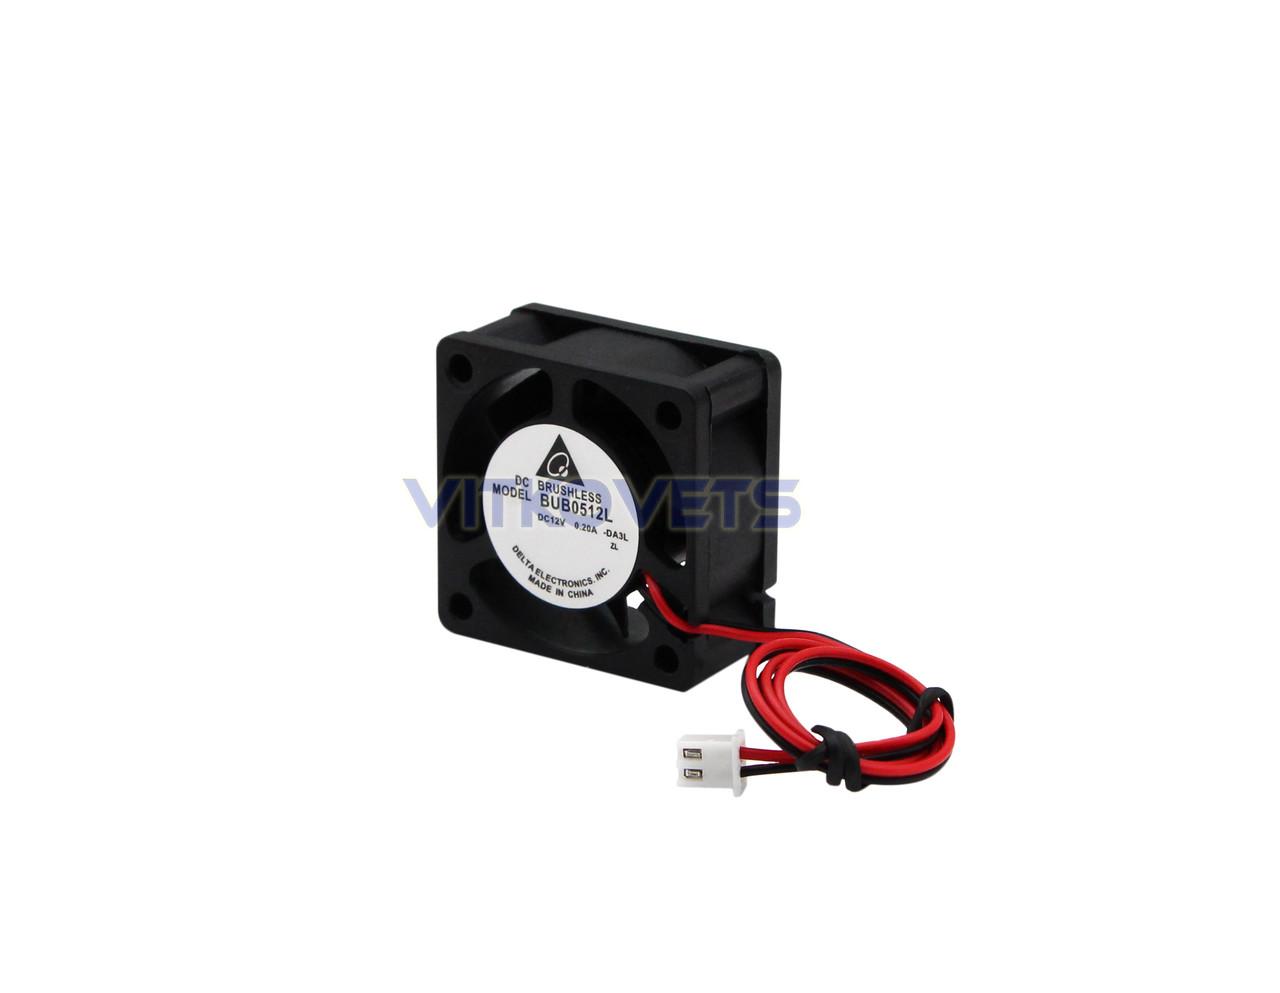 Вентилятор (кулер) 40х40, 12V, 0.20A